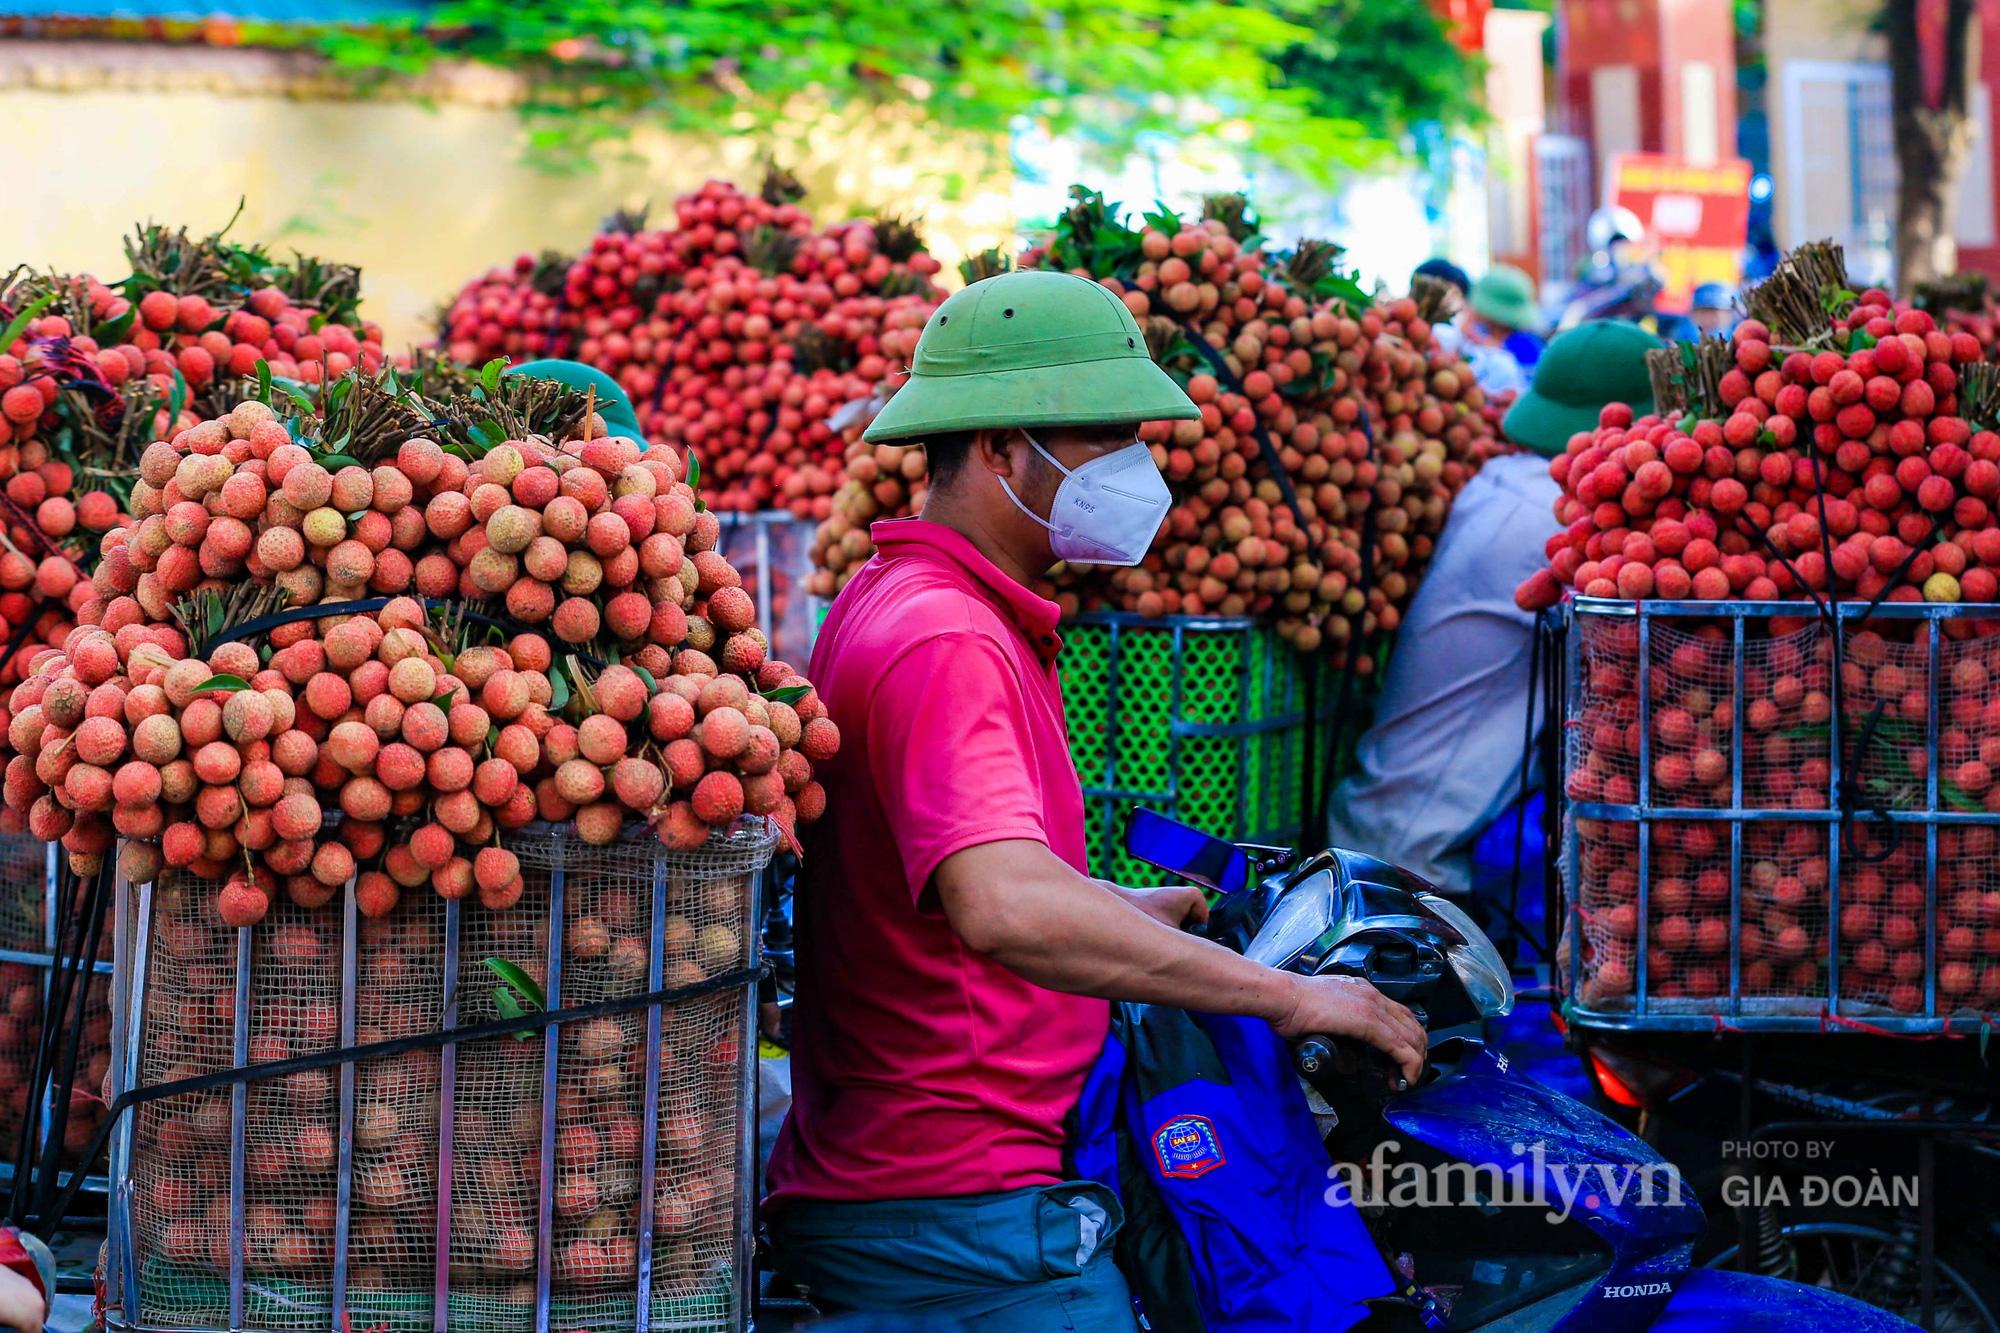 Chợ vải Bắc Giang nhộn nhịp vào mùa - Ảnh 10.